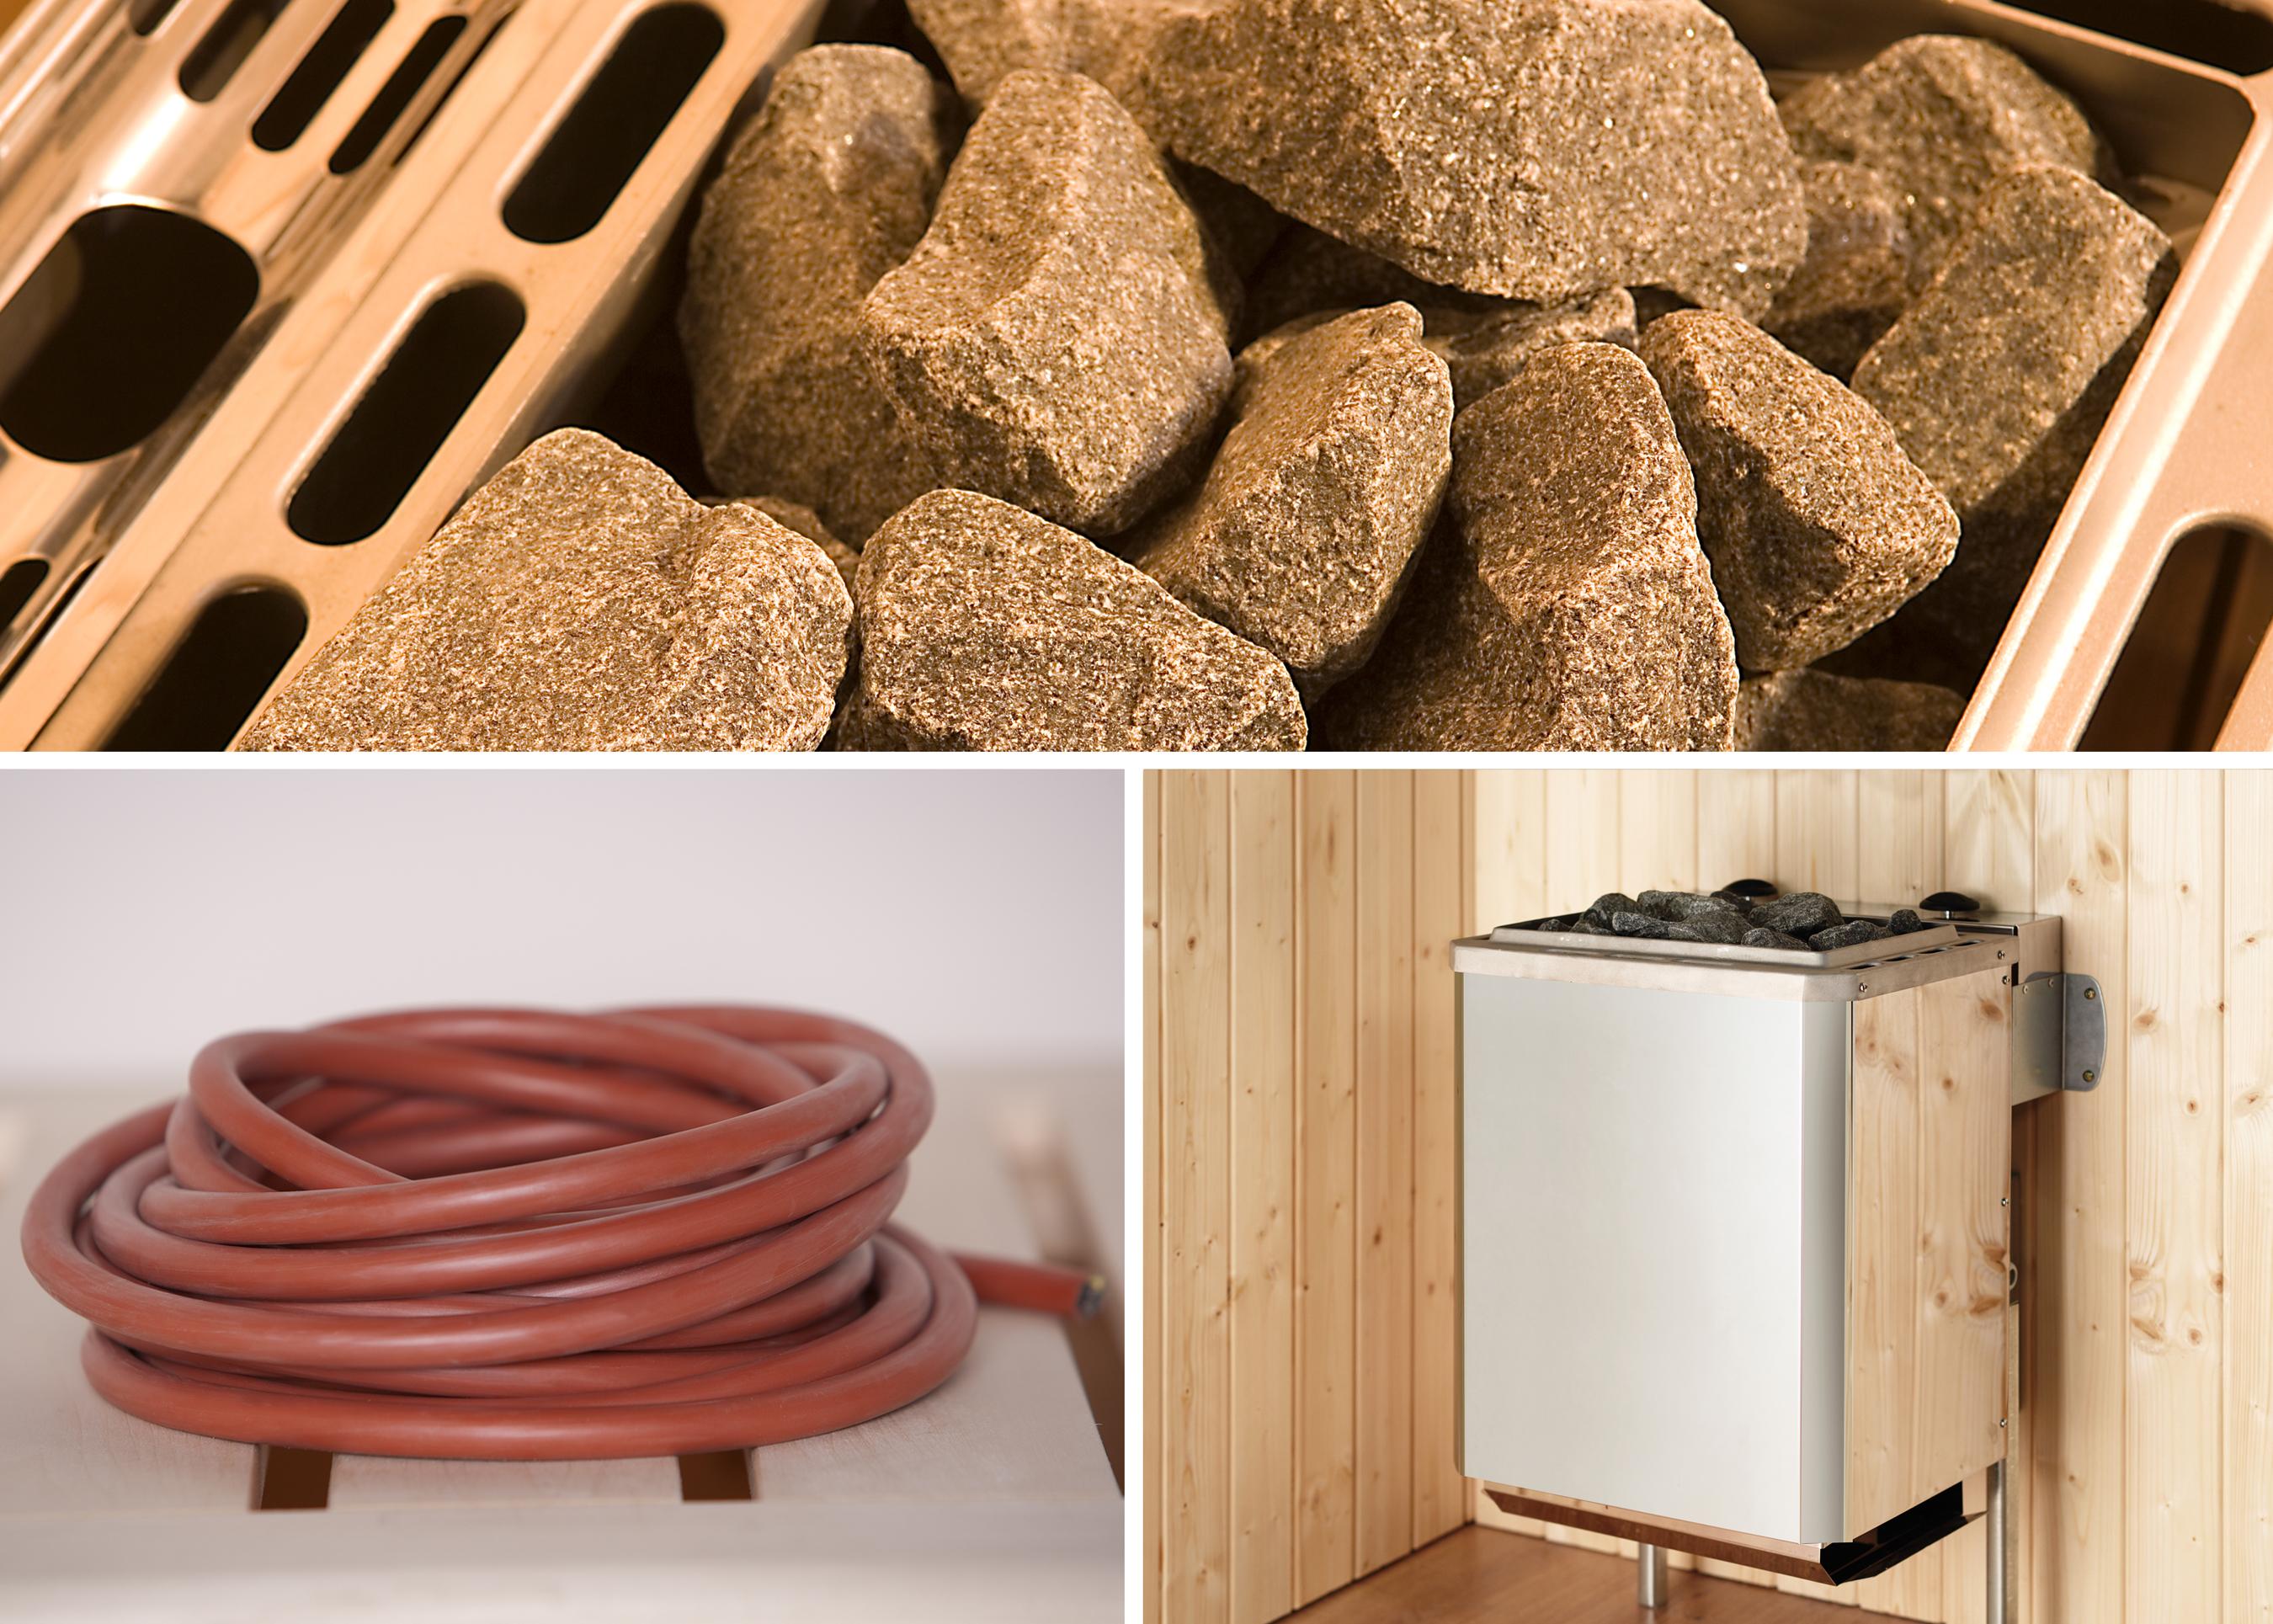 Weka Saunaofen Set 11 Kompakt 9kW mit integrierter Steuerung Bild 1